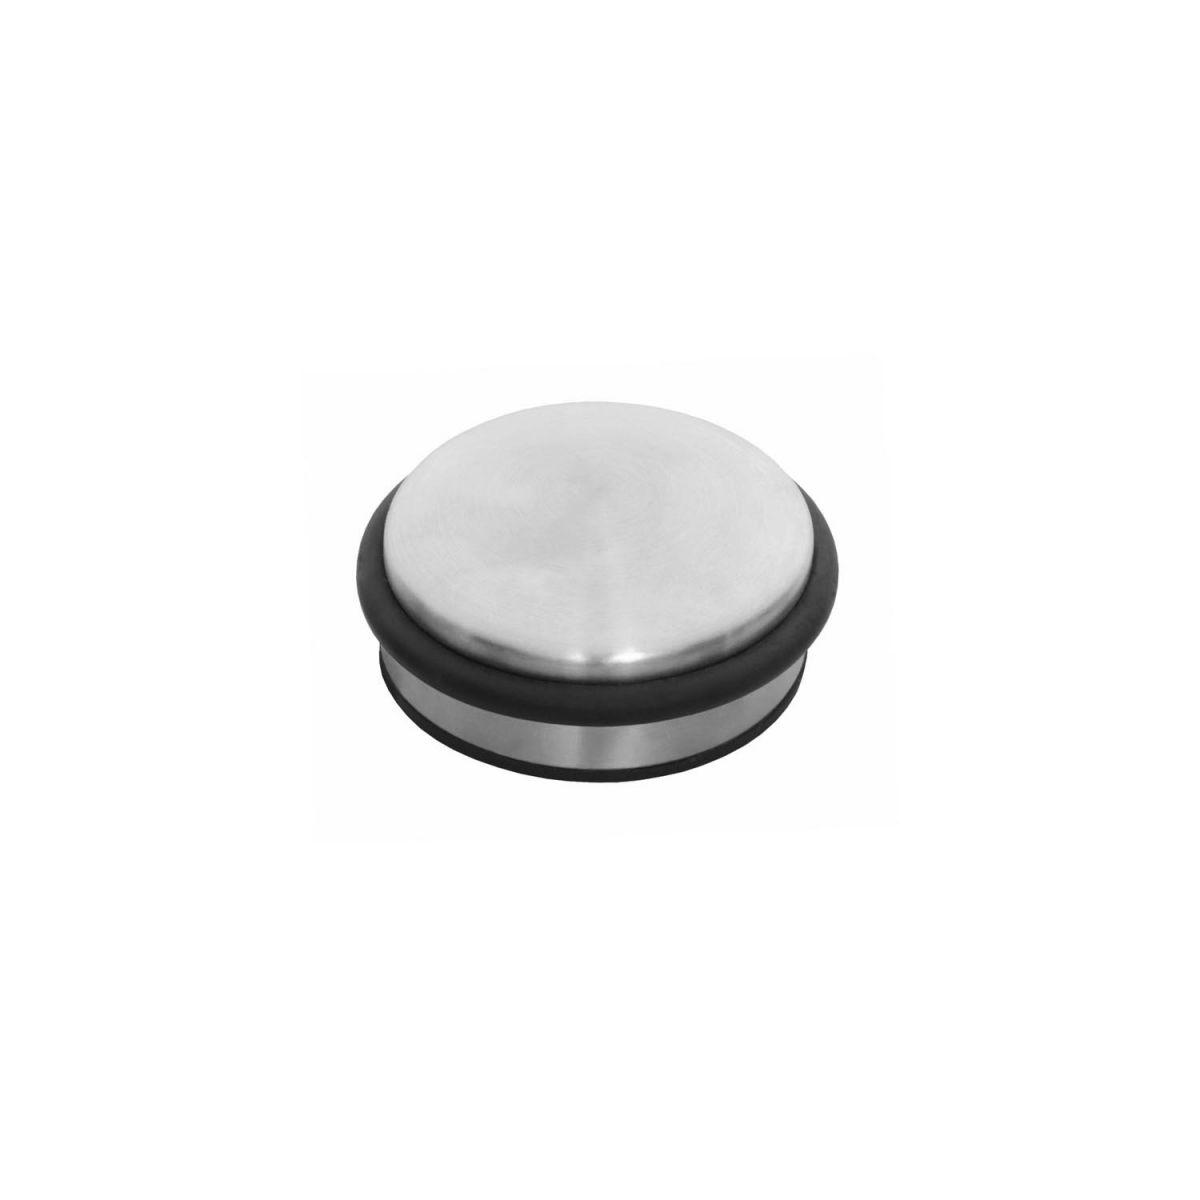 stainless steel doorstop puck